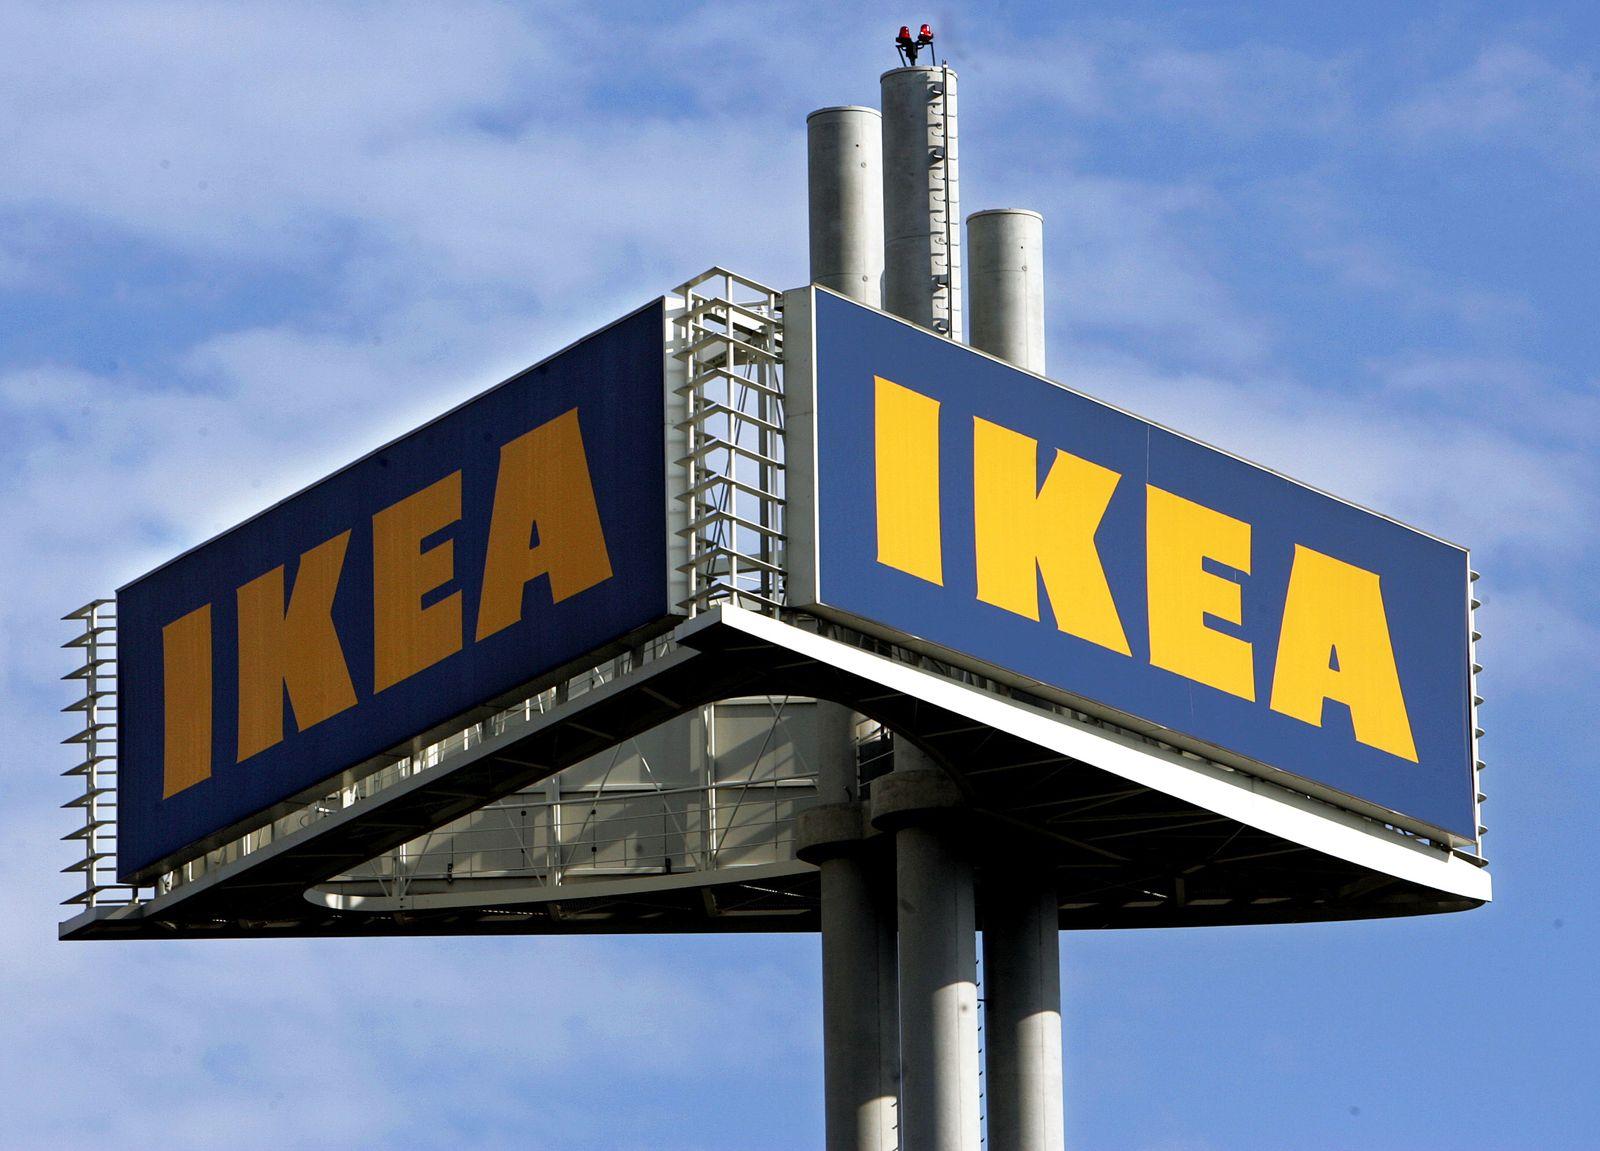 IKEA Symbolbild (Kopie mmo)